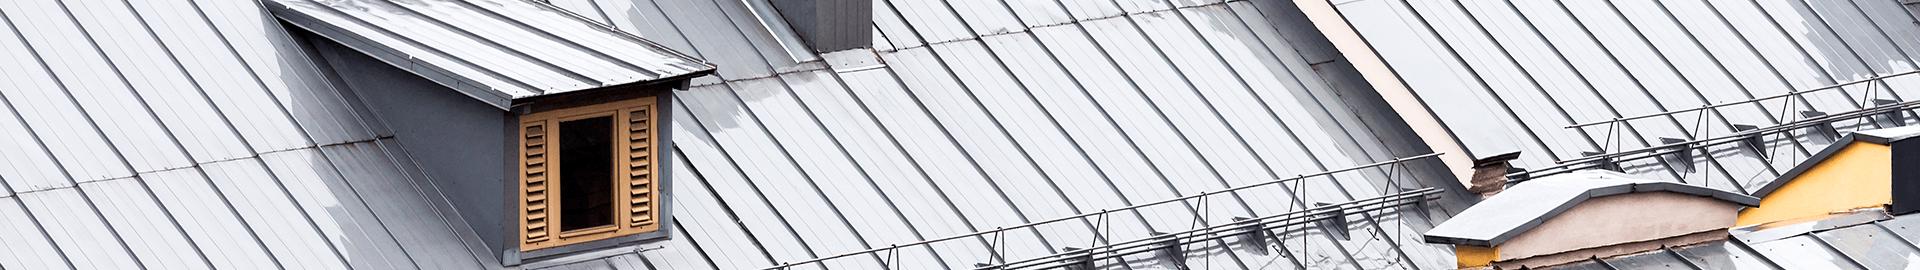 Профессиональная краска для крыш